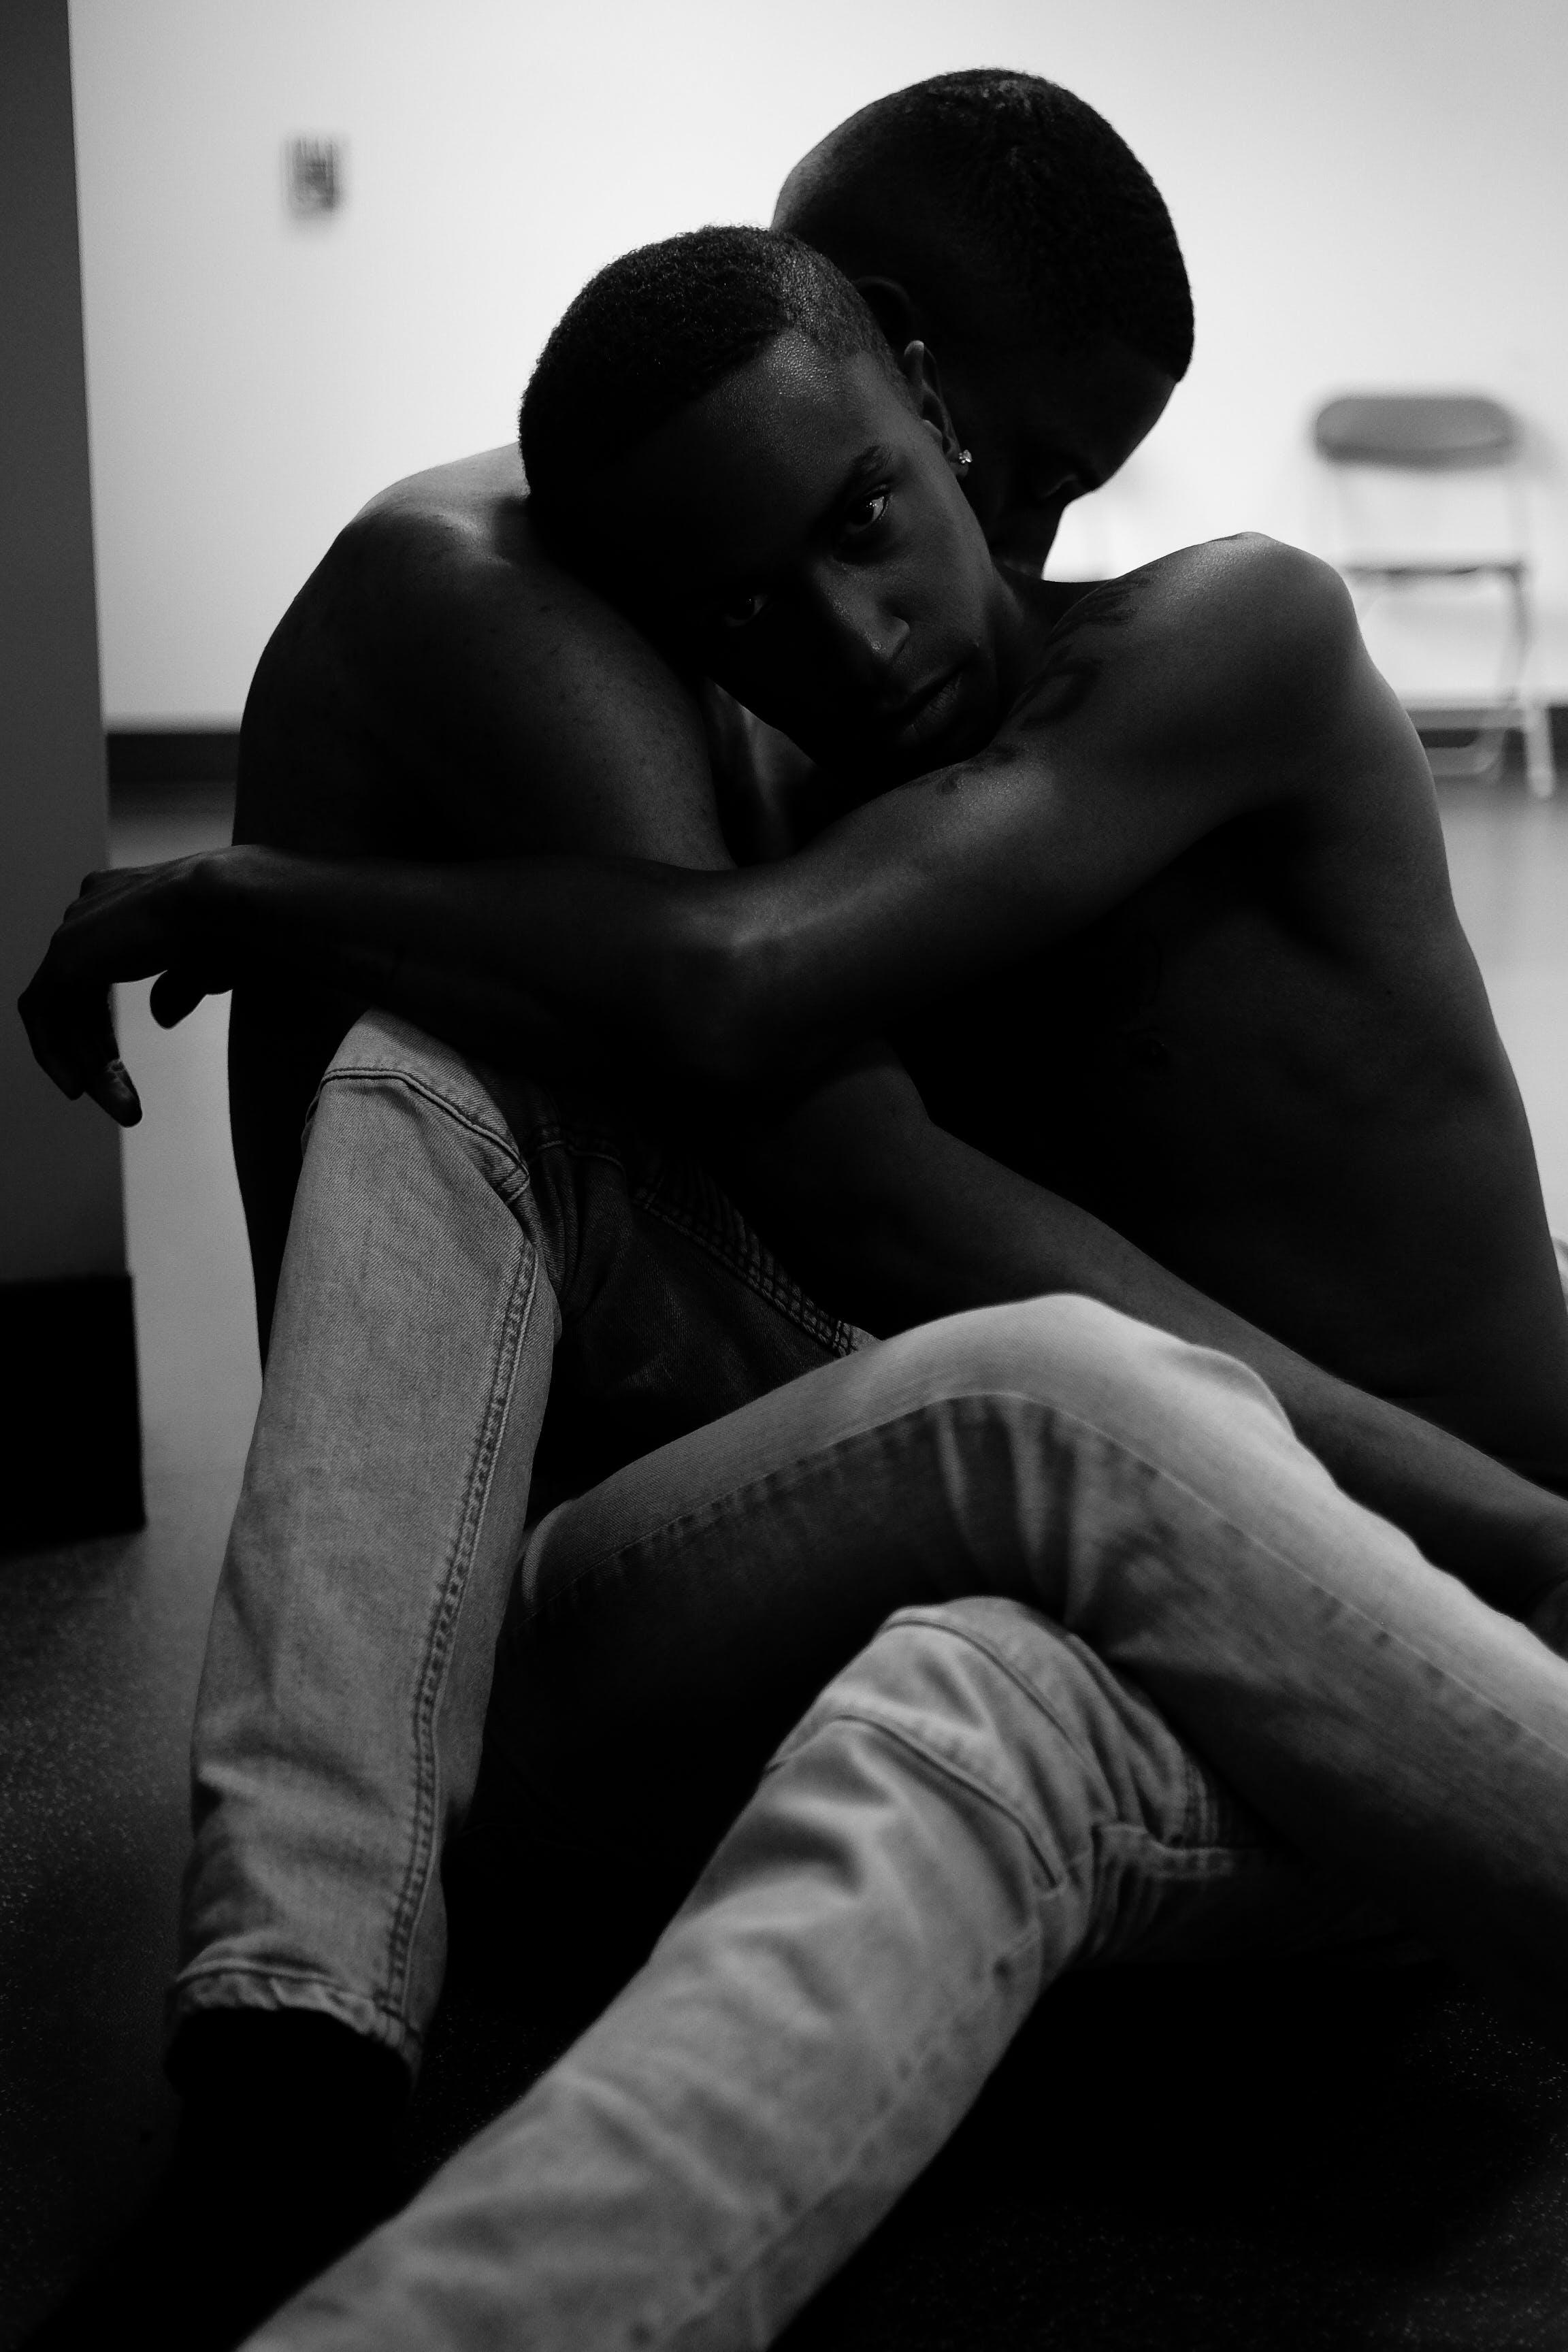 Δωρεάν στοκ φωτογραφιών με αγκαλιάζω, άνδρες, Άνθρωποι, αρσενικός